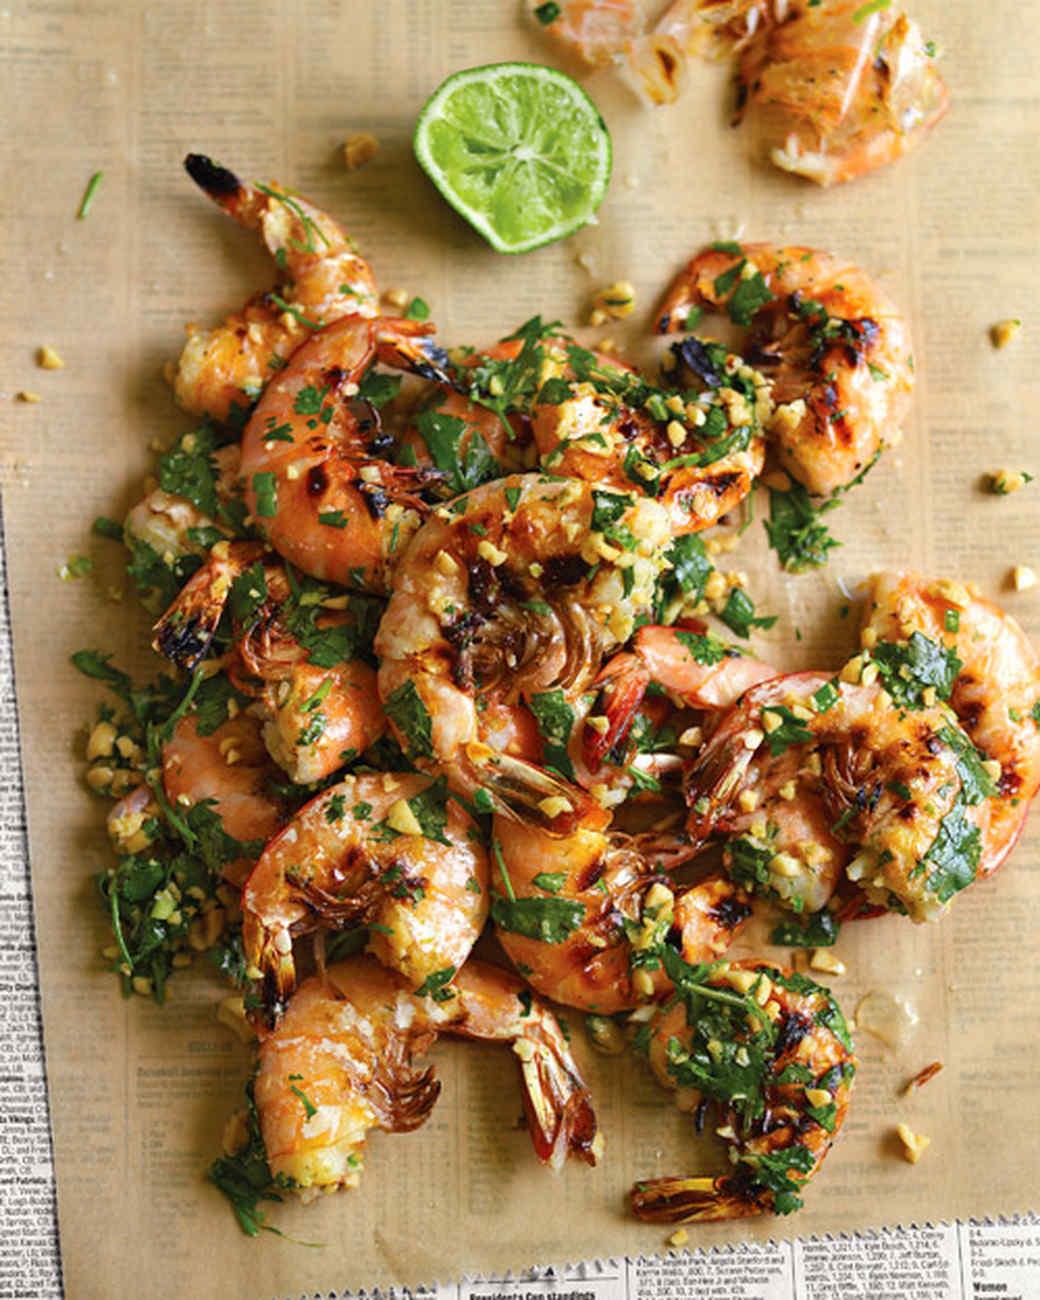 mld104912_0809_grill_shrimp.jpg